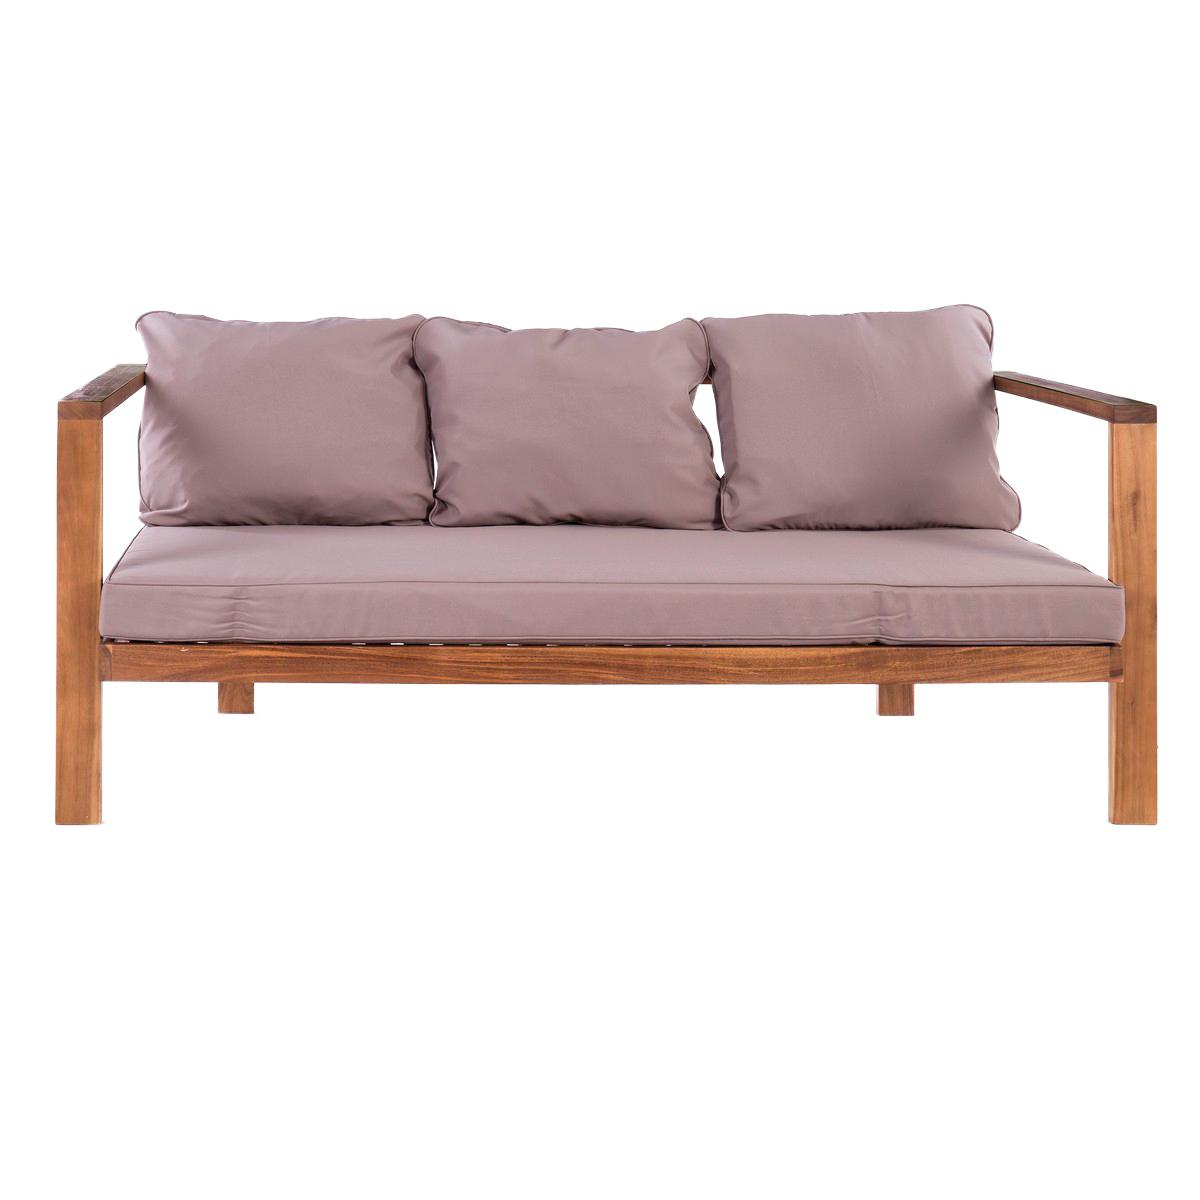 Muebles y complementos para disfrutar del exterior for Sofa exterior leroy